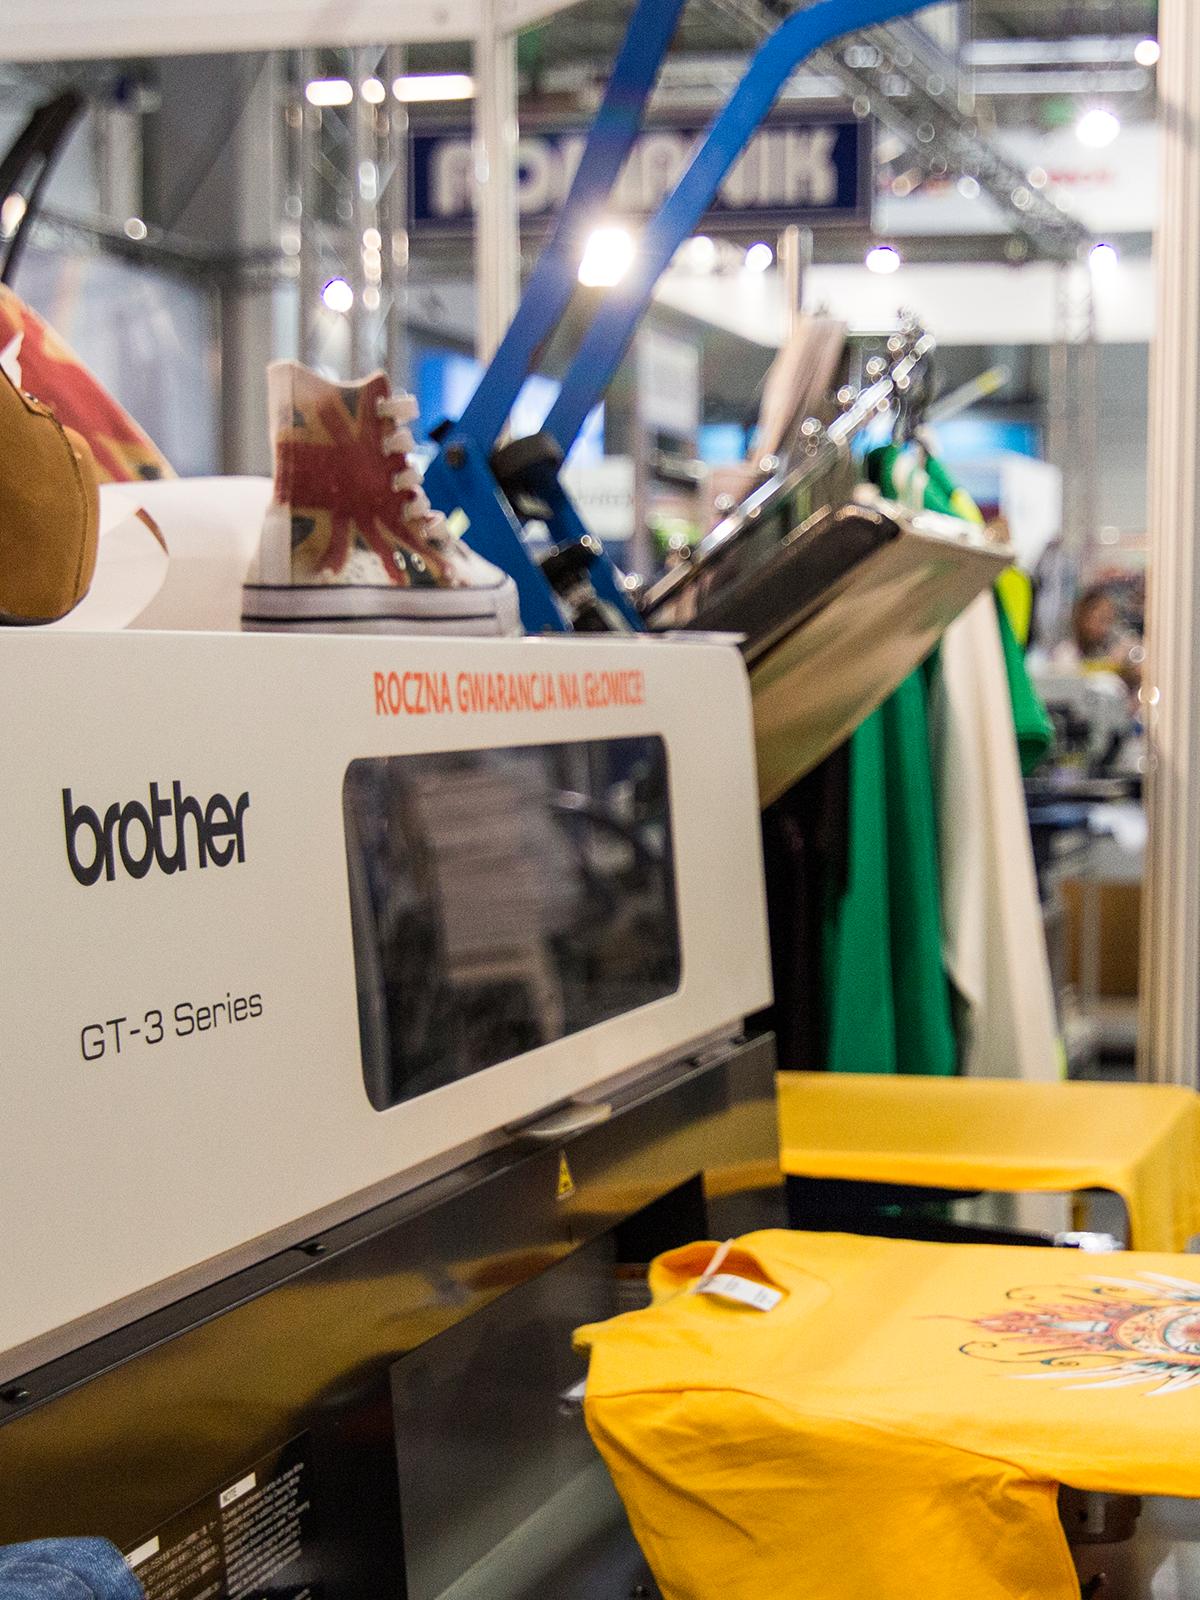 Biała maszyna marki bother naprowadzająca kolorowe nadruki na koszulkach koloru żółtego